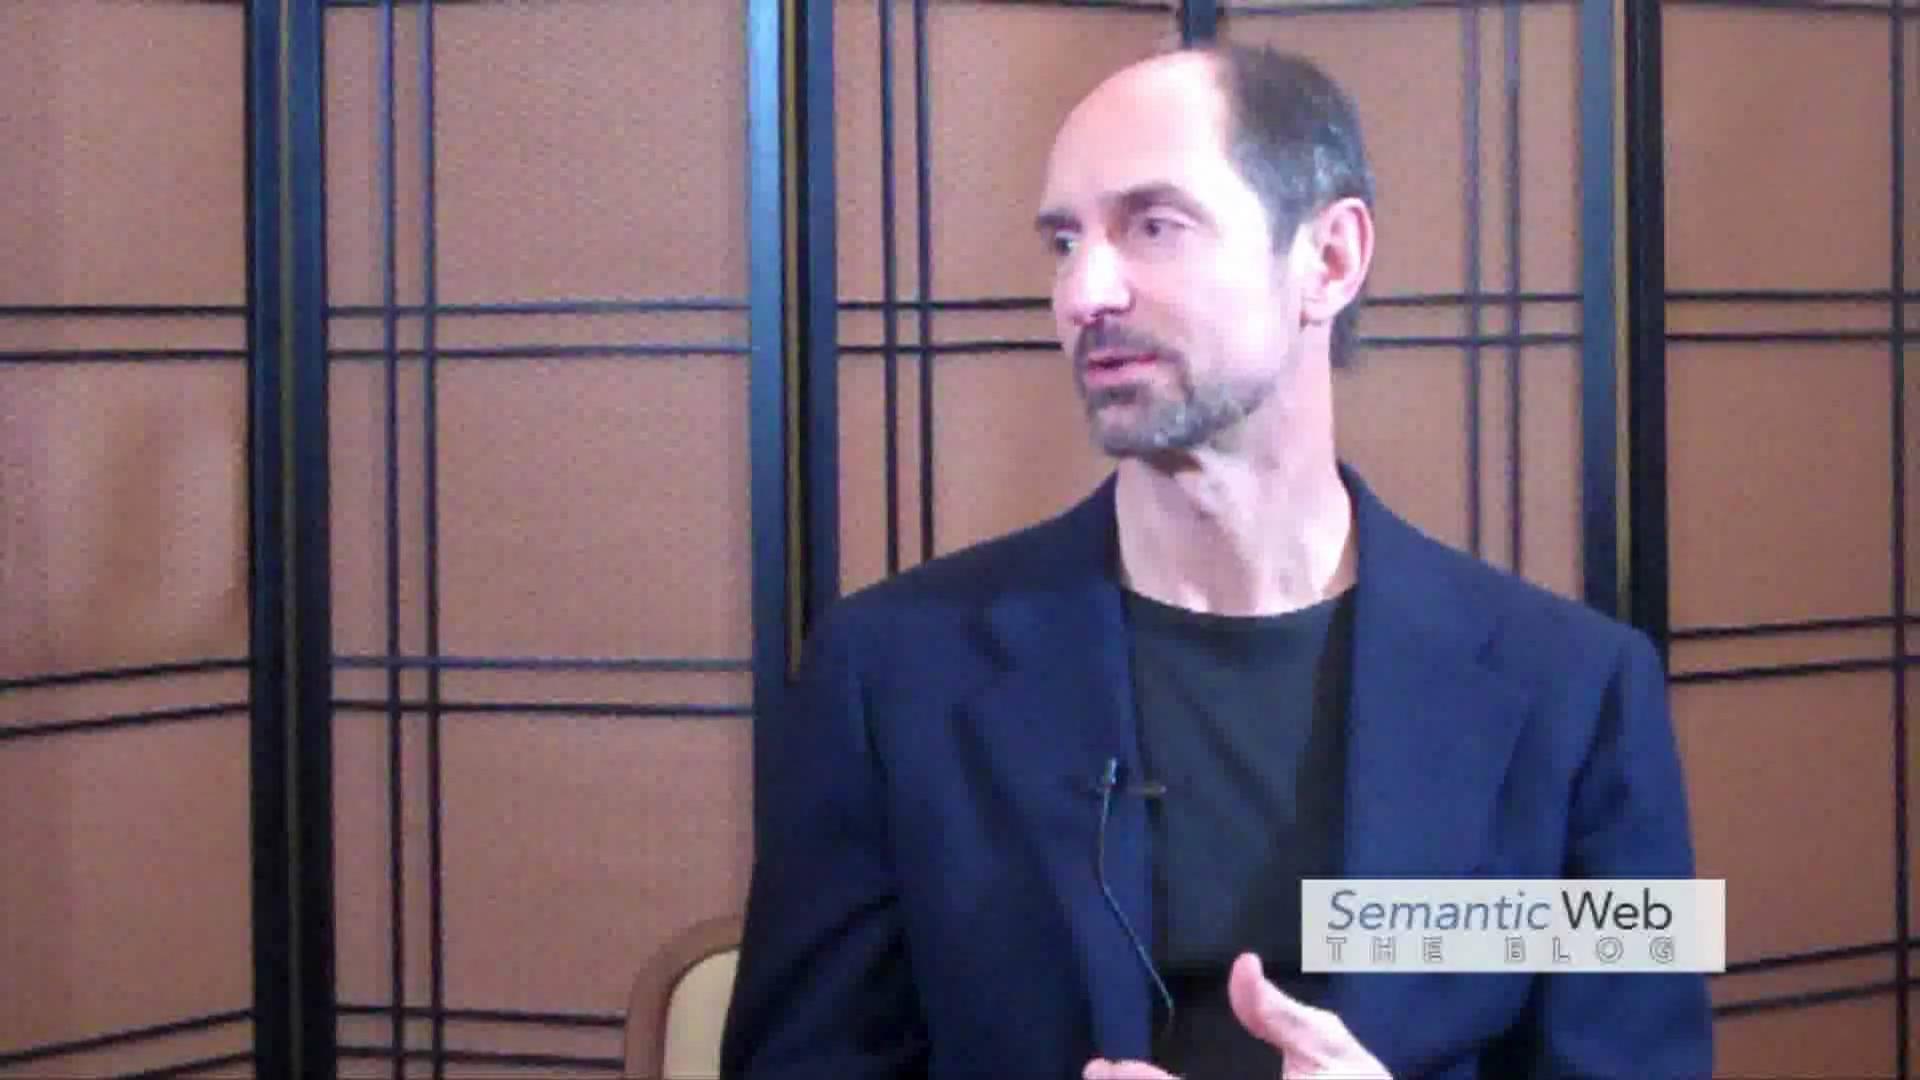 La conférence TED se penche sur la cohabitation humanité/intelligence artificielle